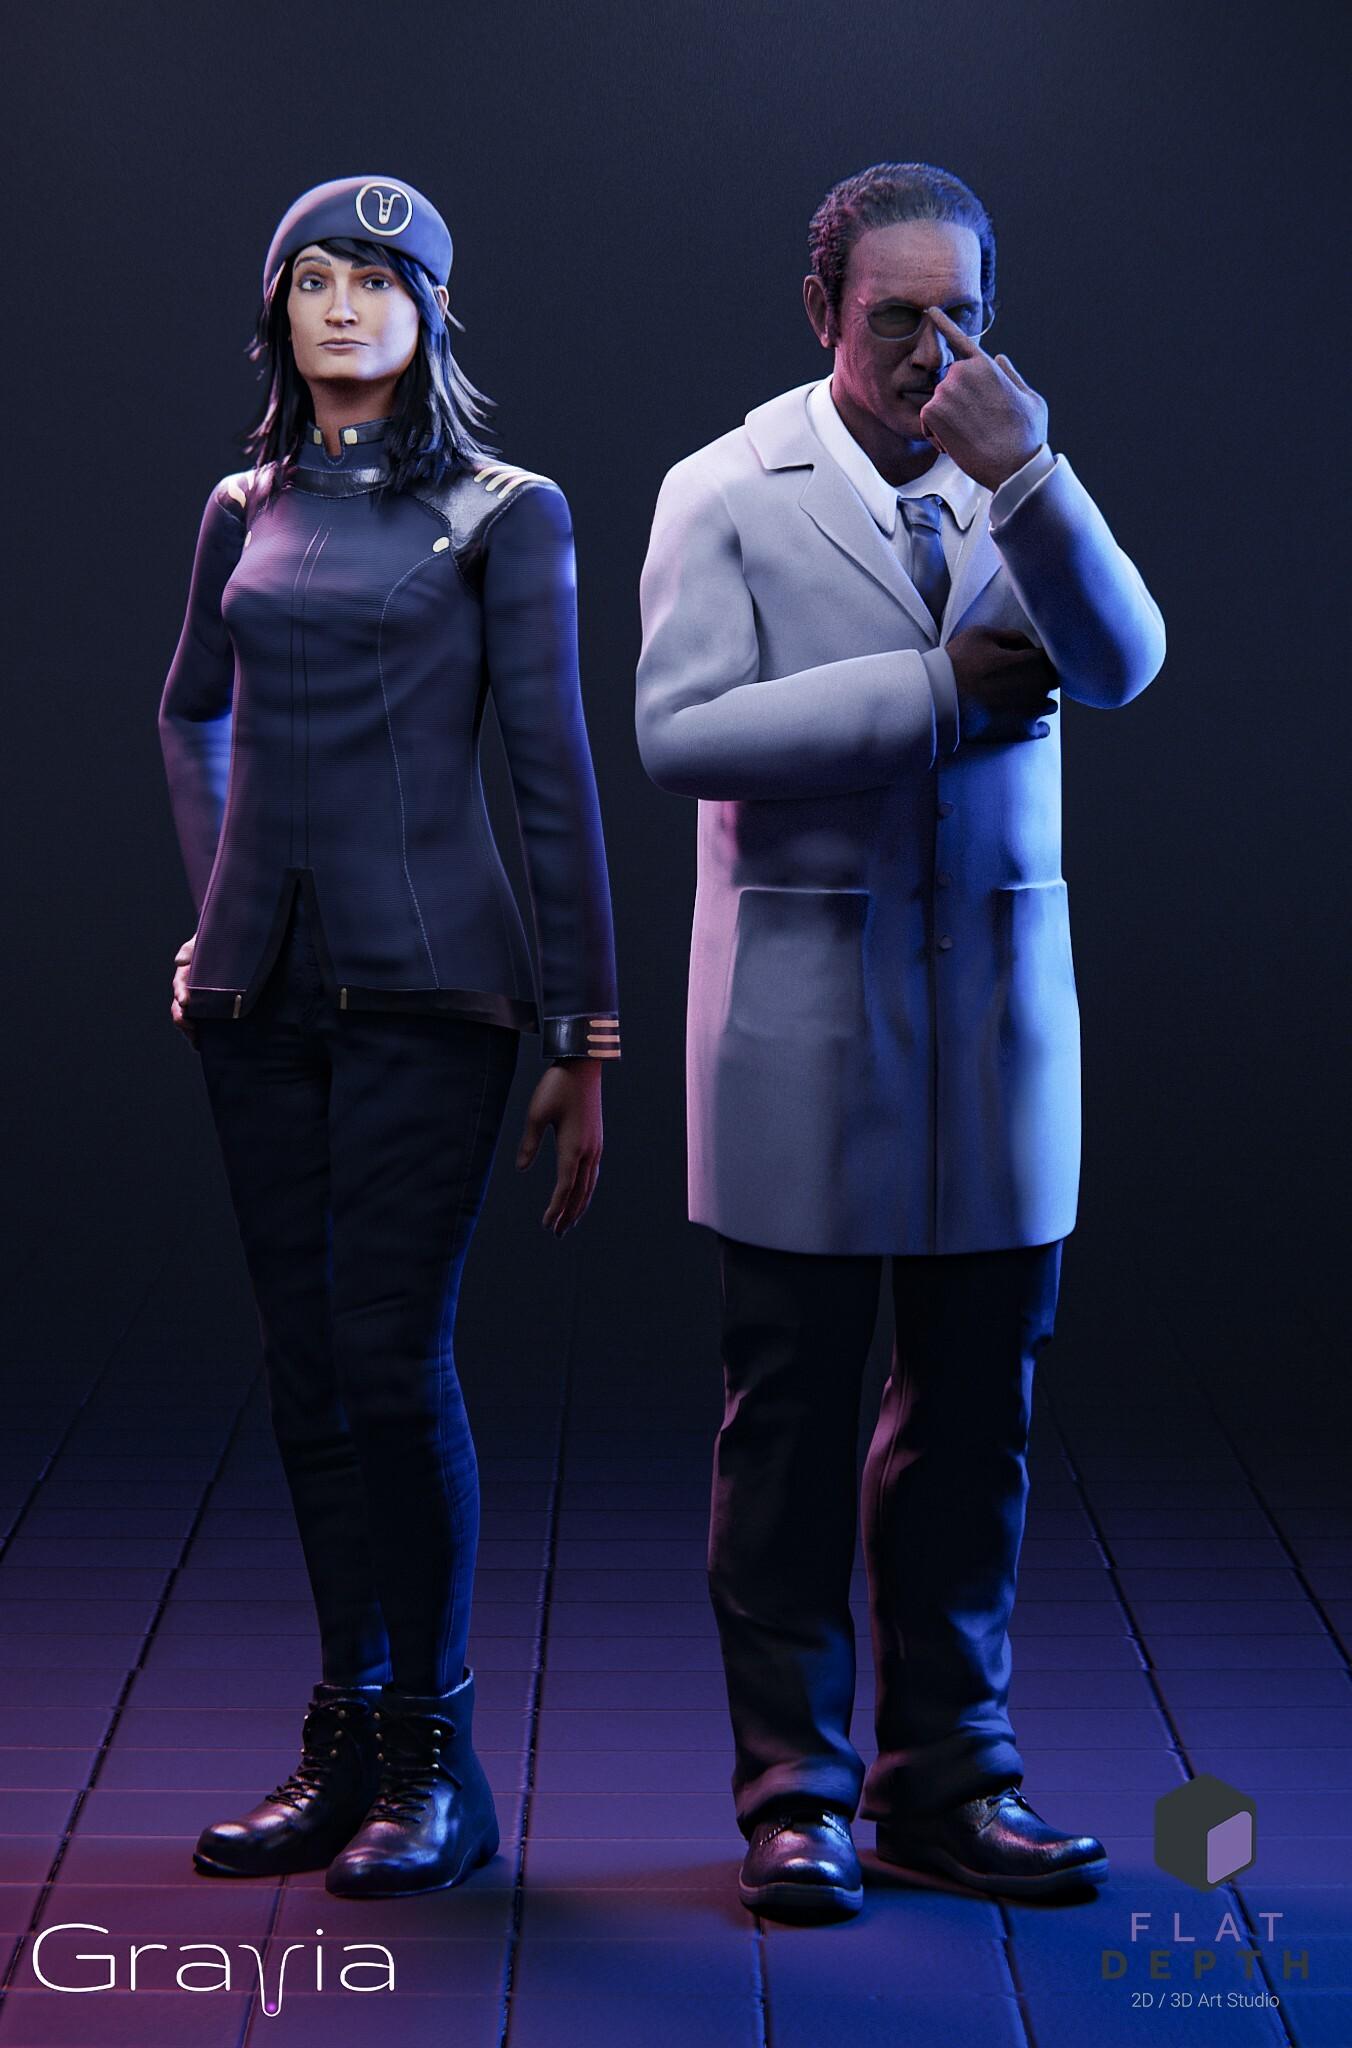 Commander Afsane Flynn and Dr. James Alviston